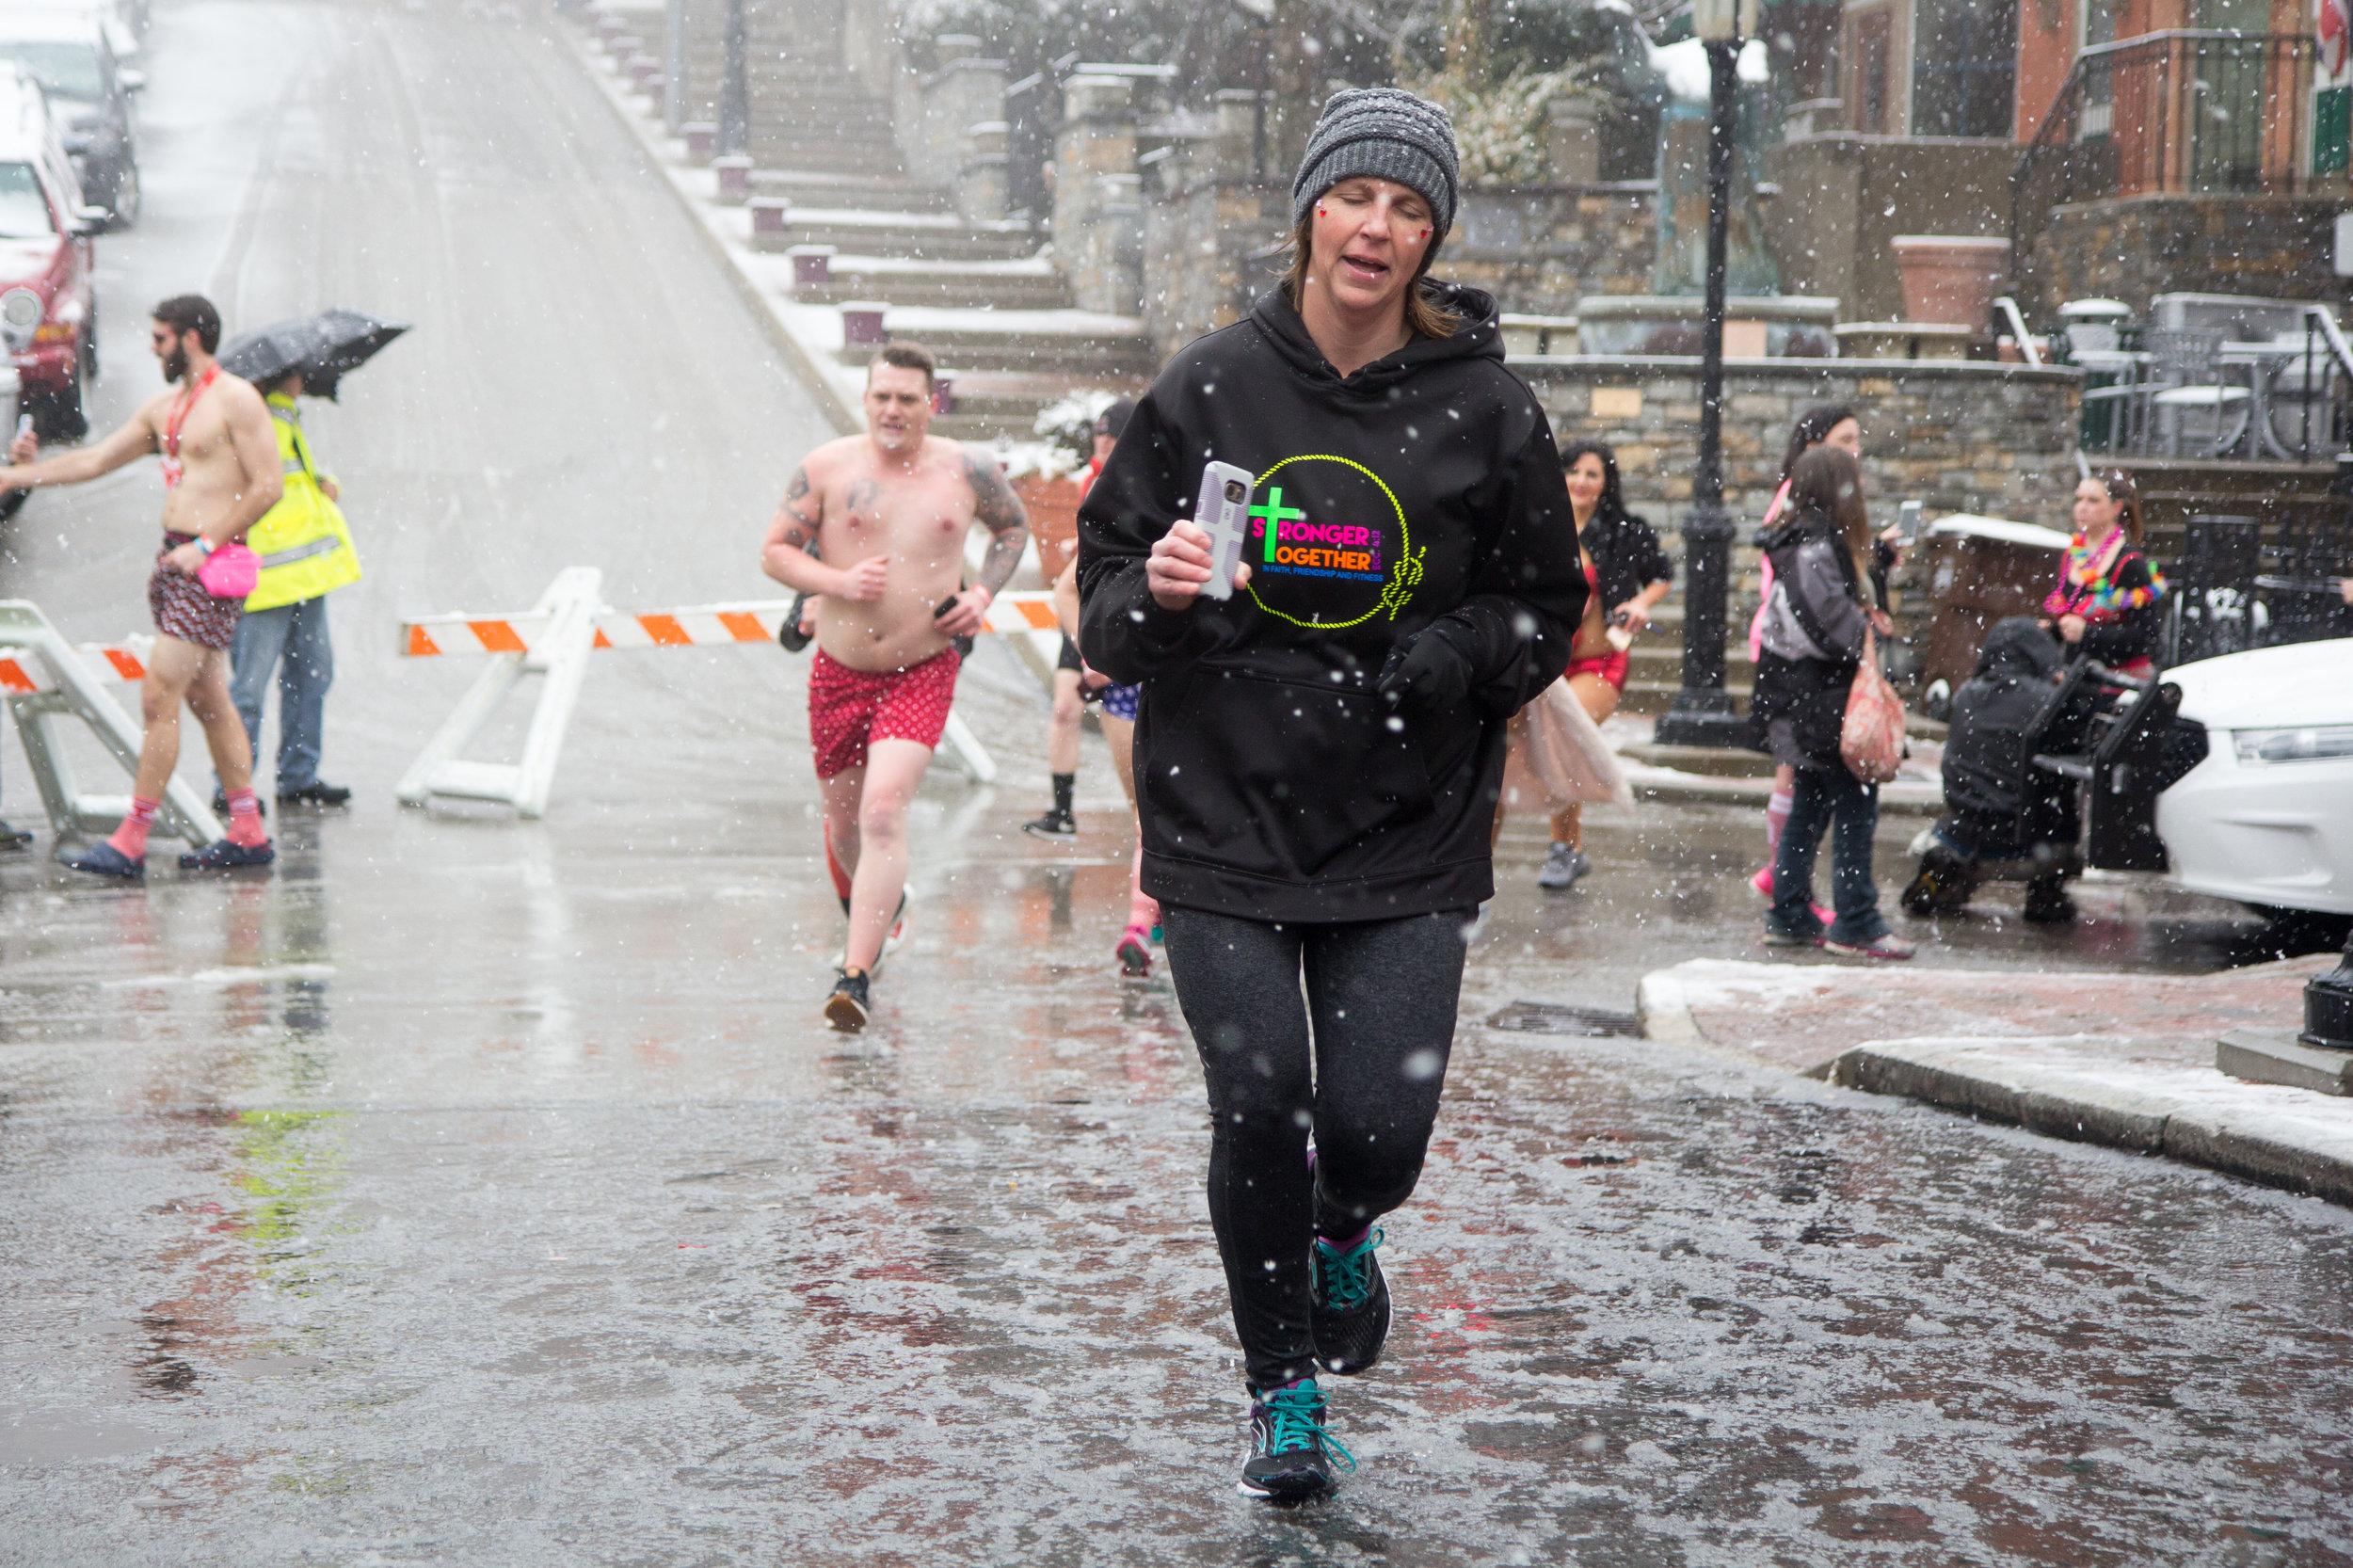 CaseyMillerPhoto - Cupid Undie Run 2018  (169 of 252).jpg